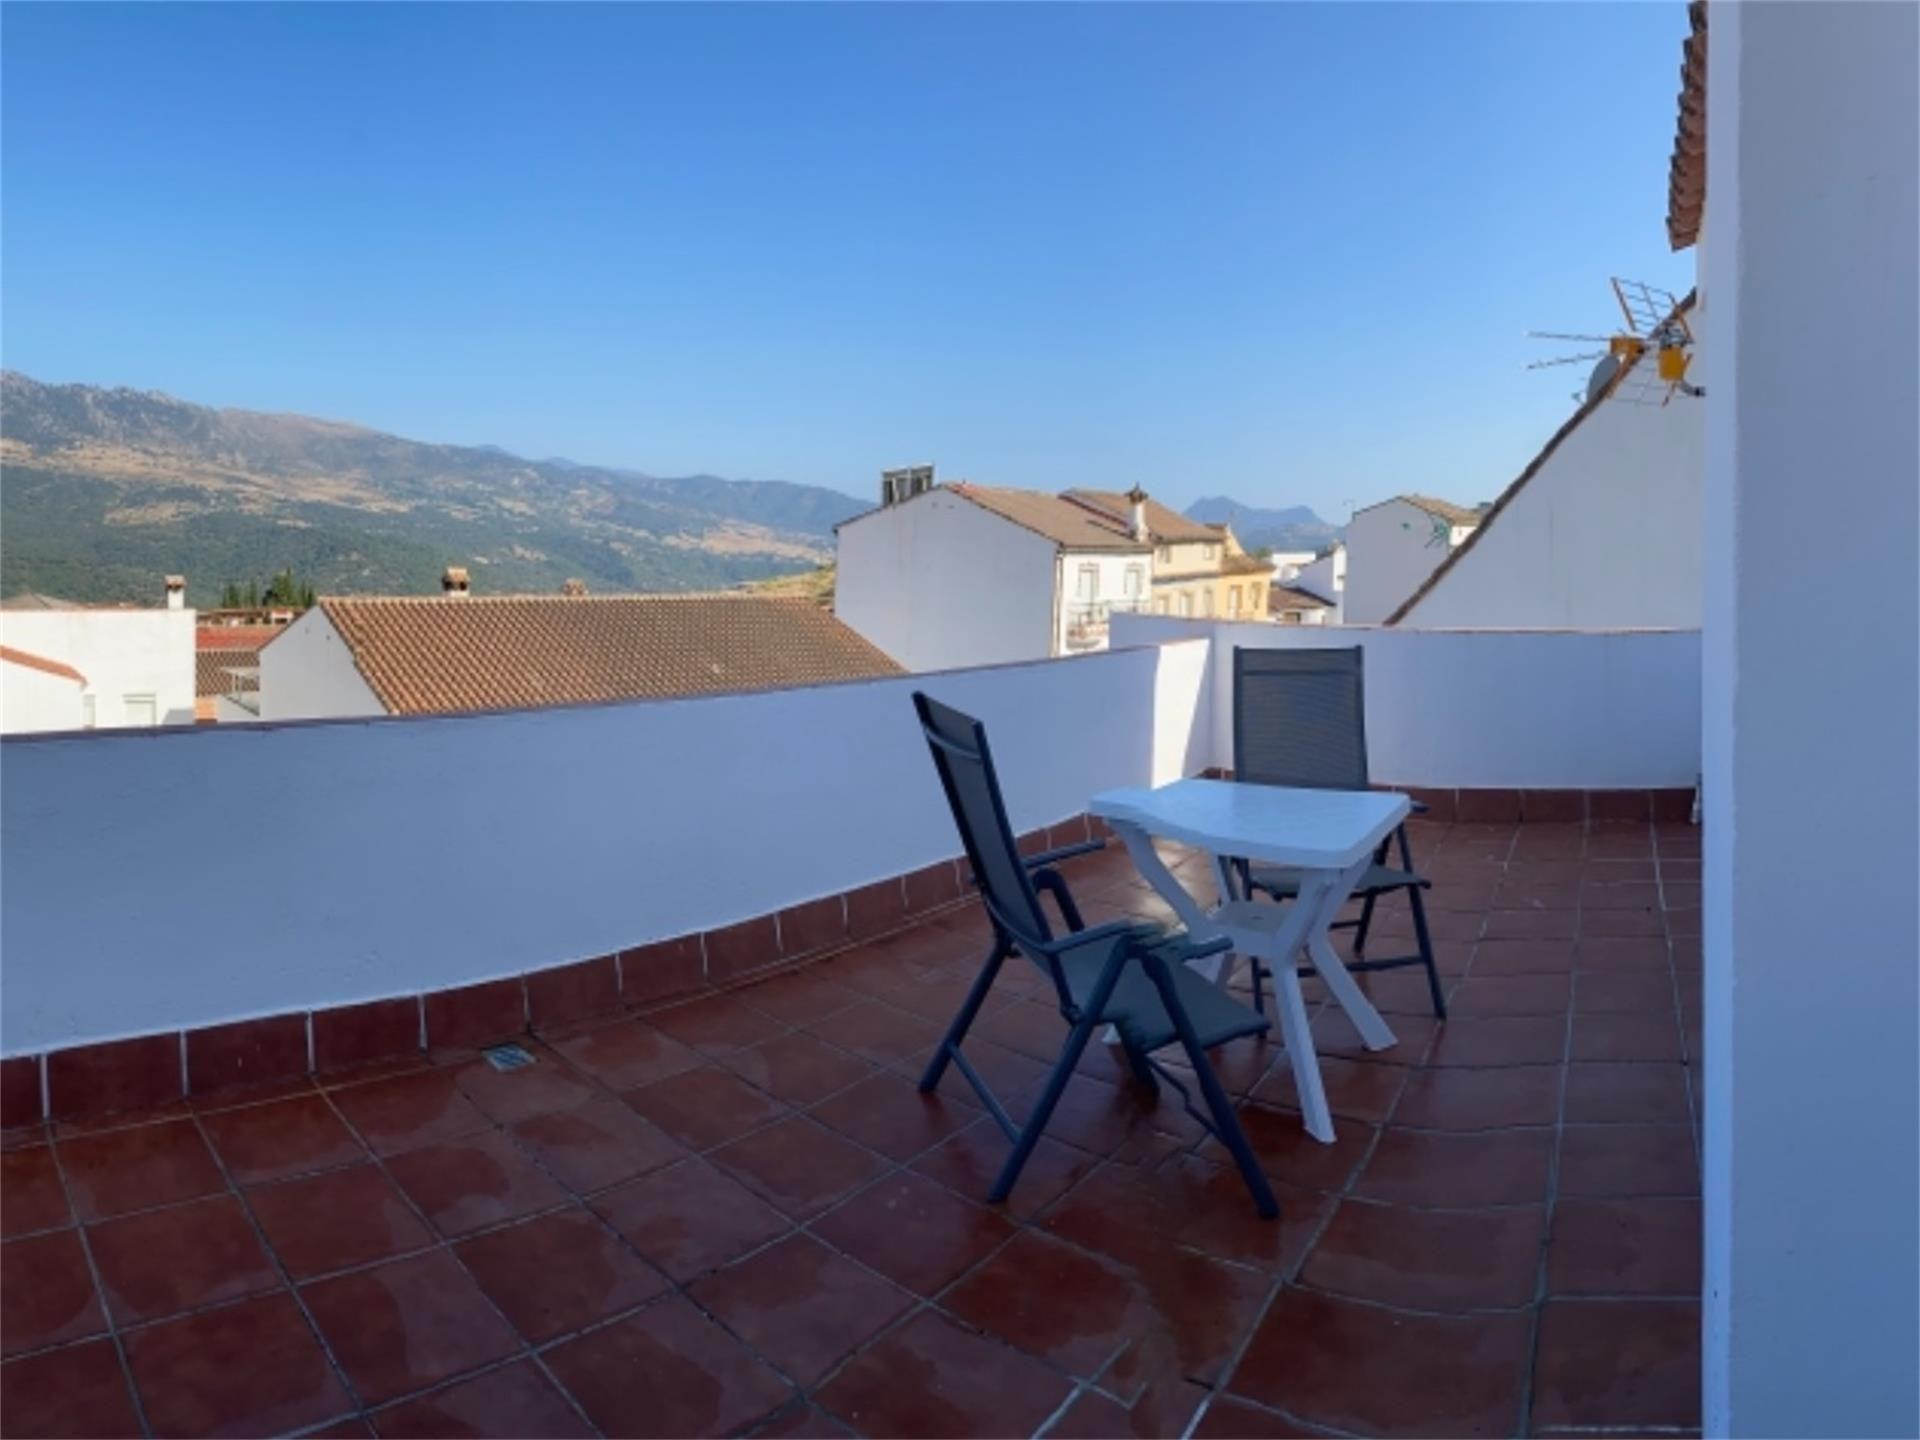 Piso de alquiler en Calle Almanzor, 43, Cortes de la Frontera (Ronda, Málaga)